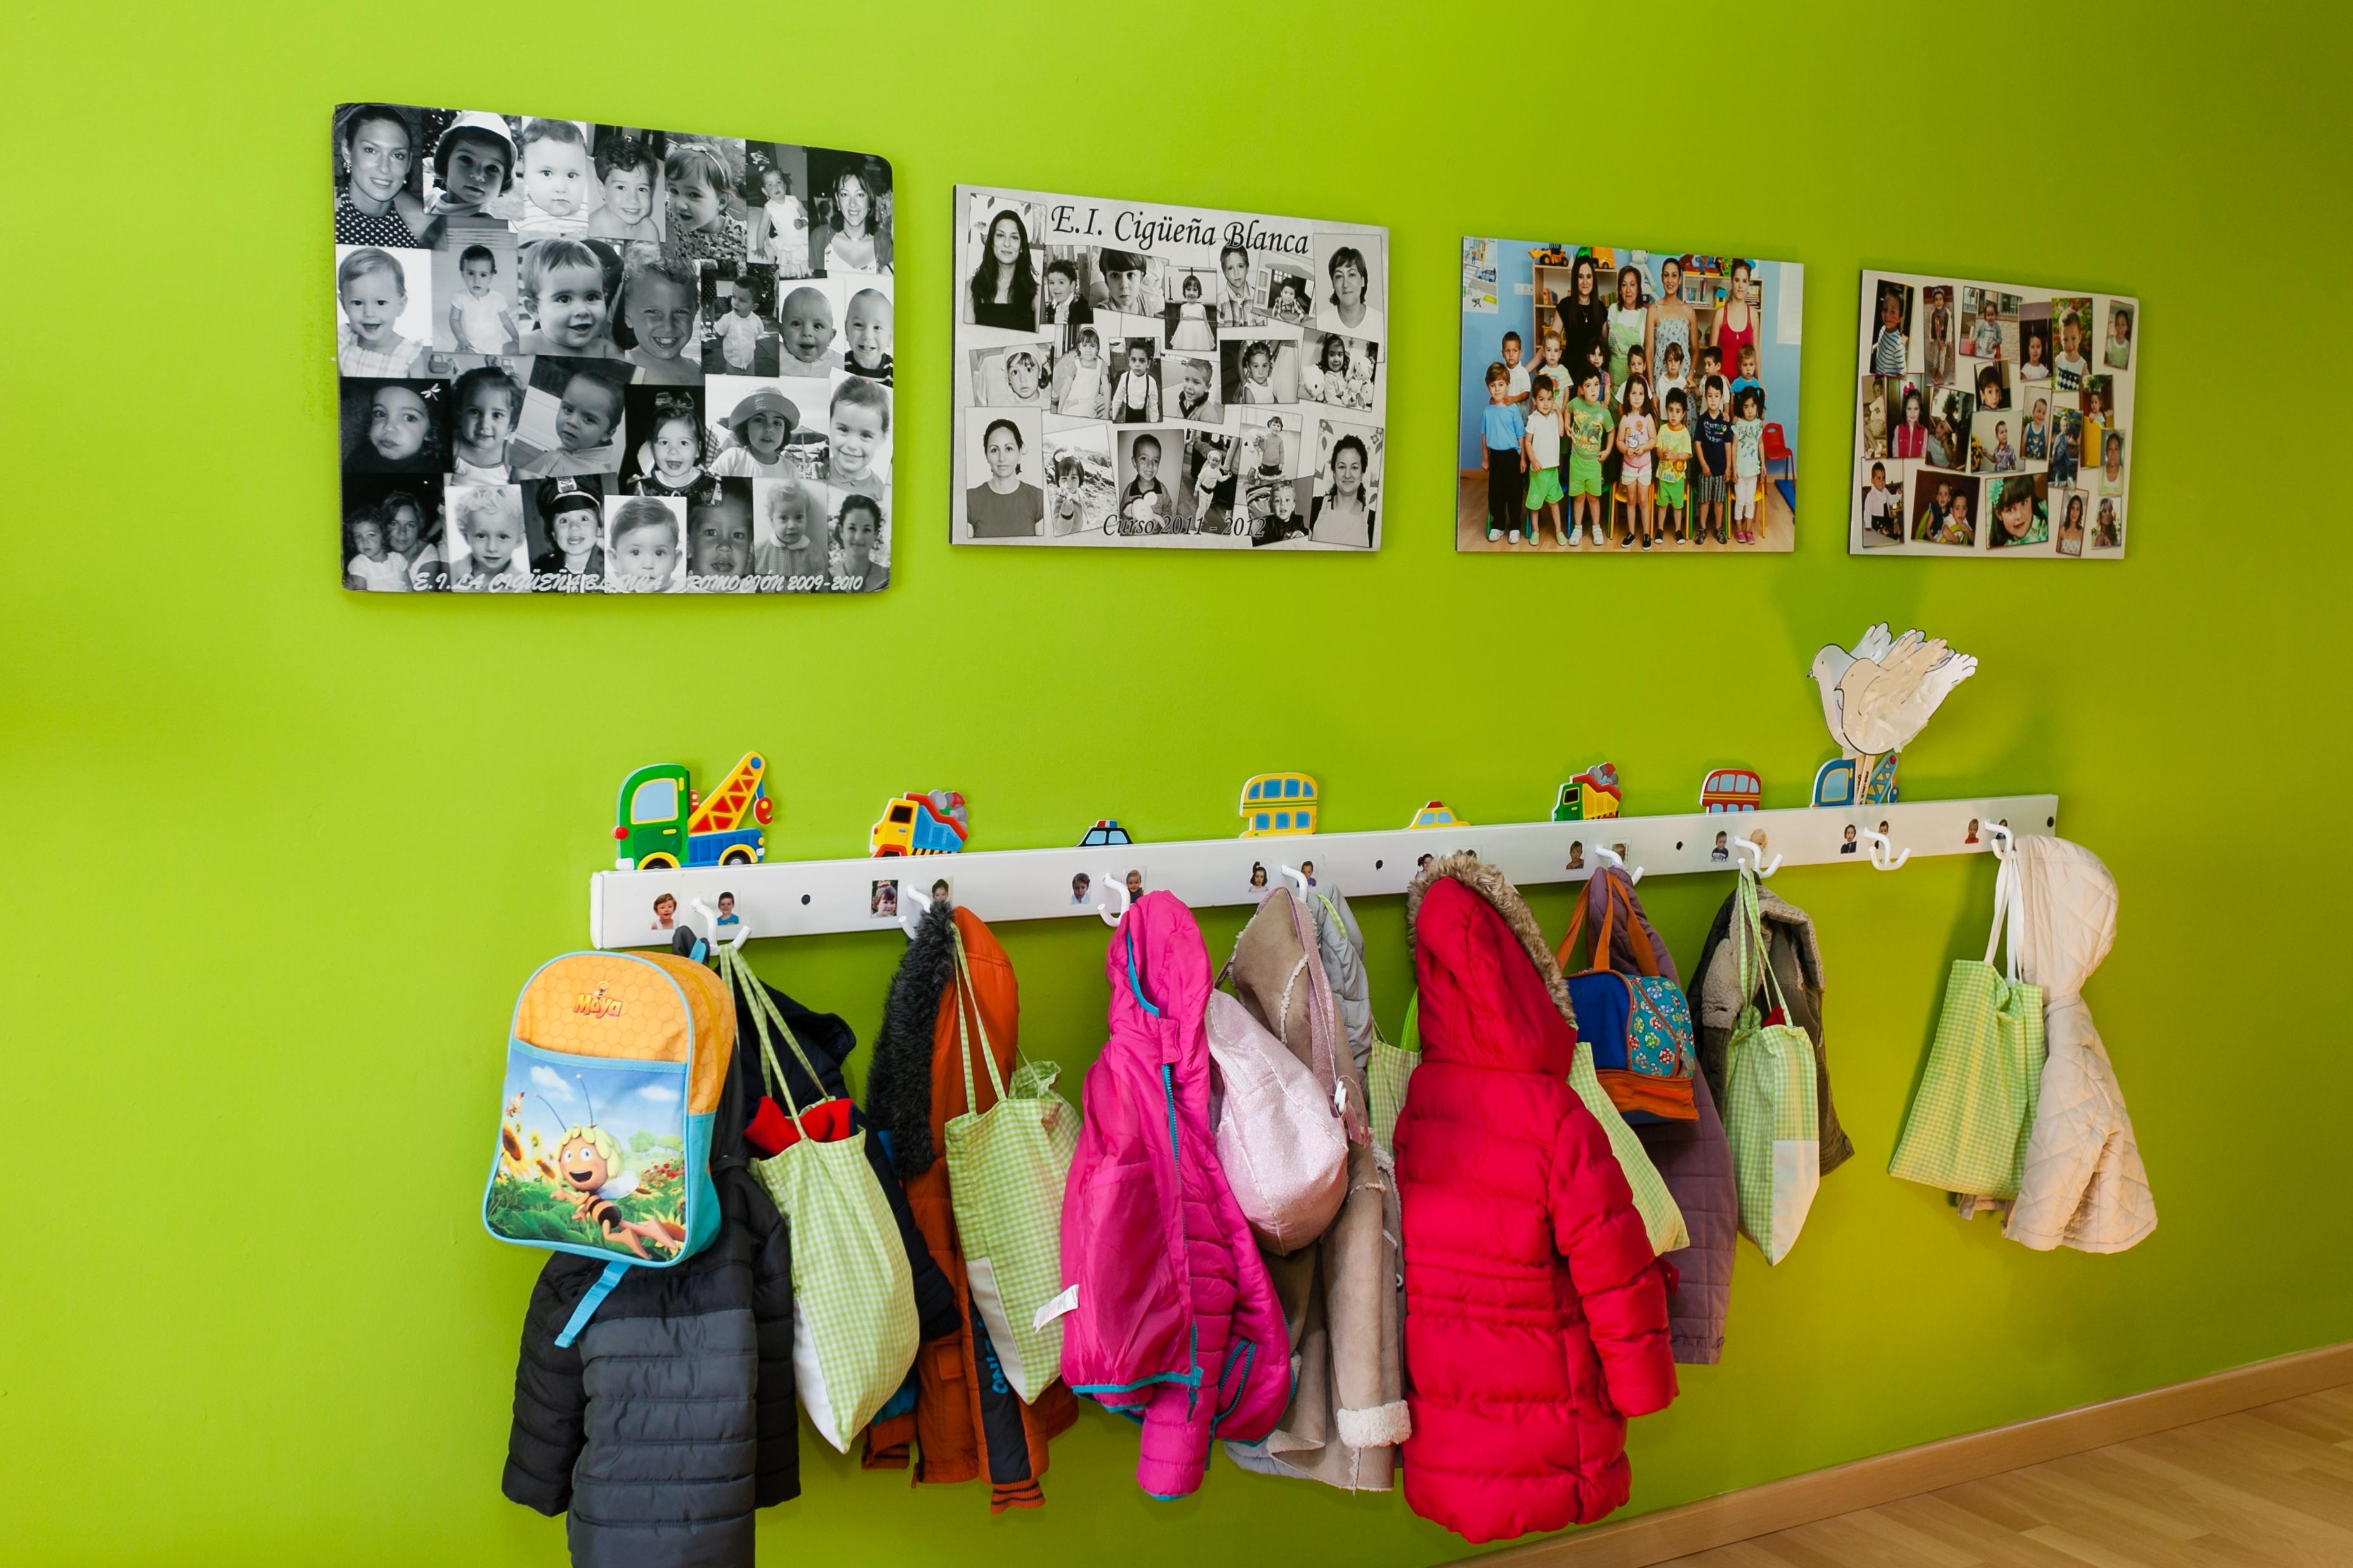 Escuela infantil Cigueña blanca 9